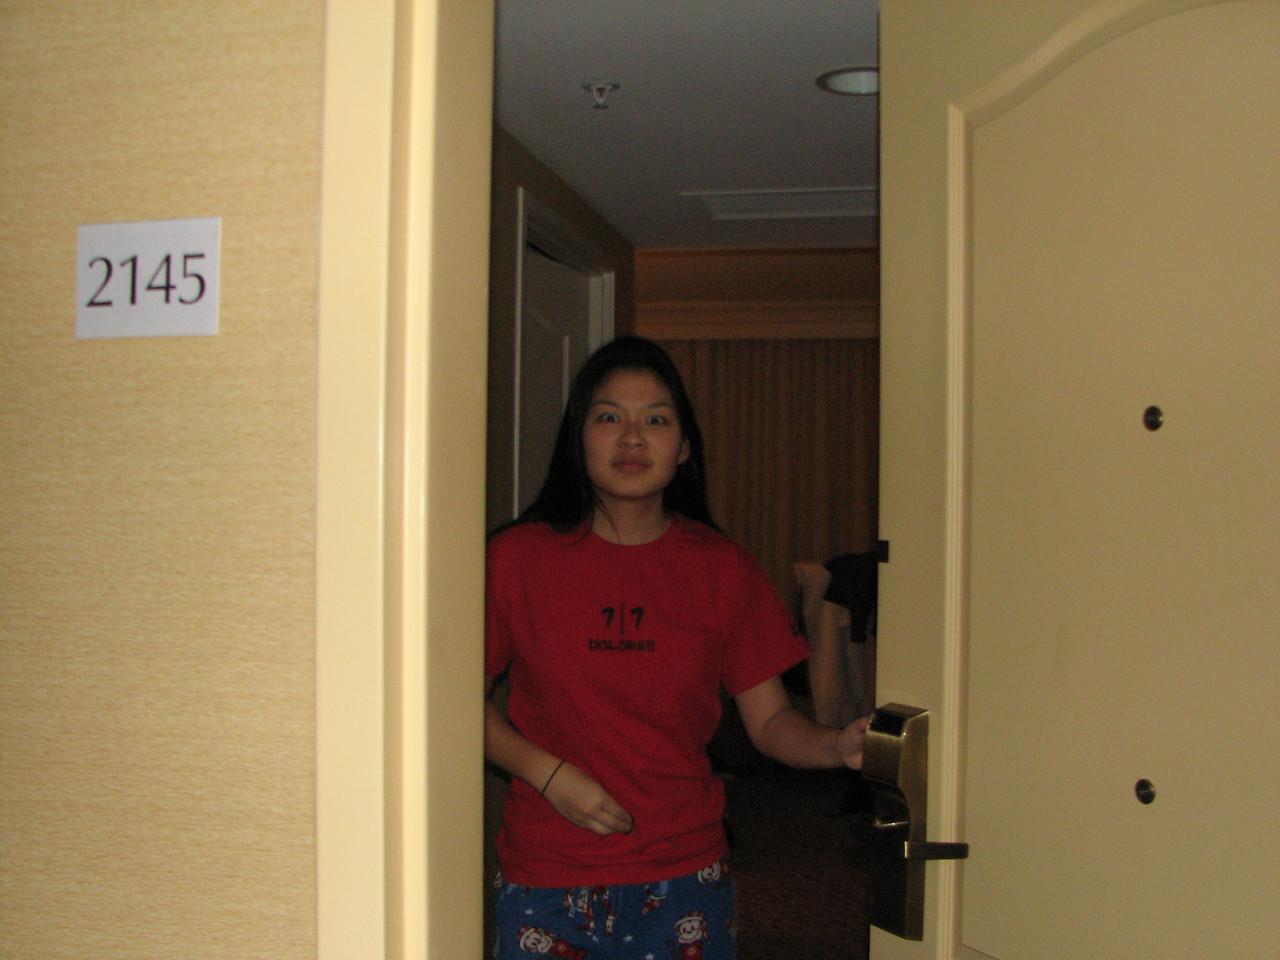 2007 02 19 Mon - Jenn Kim caught in Esther Kang's room